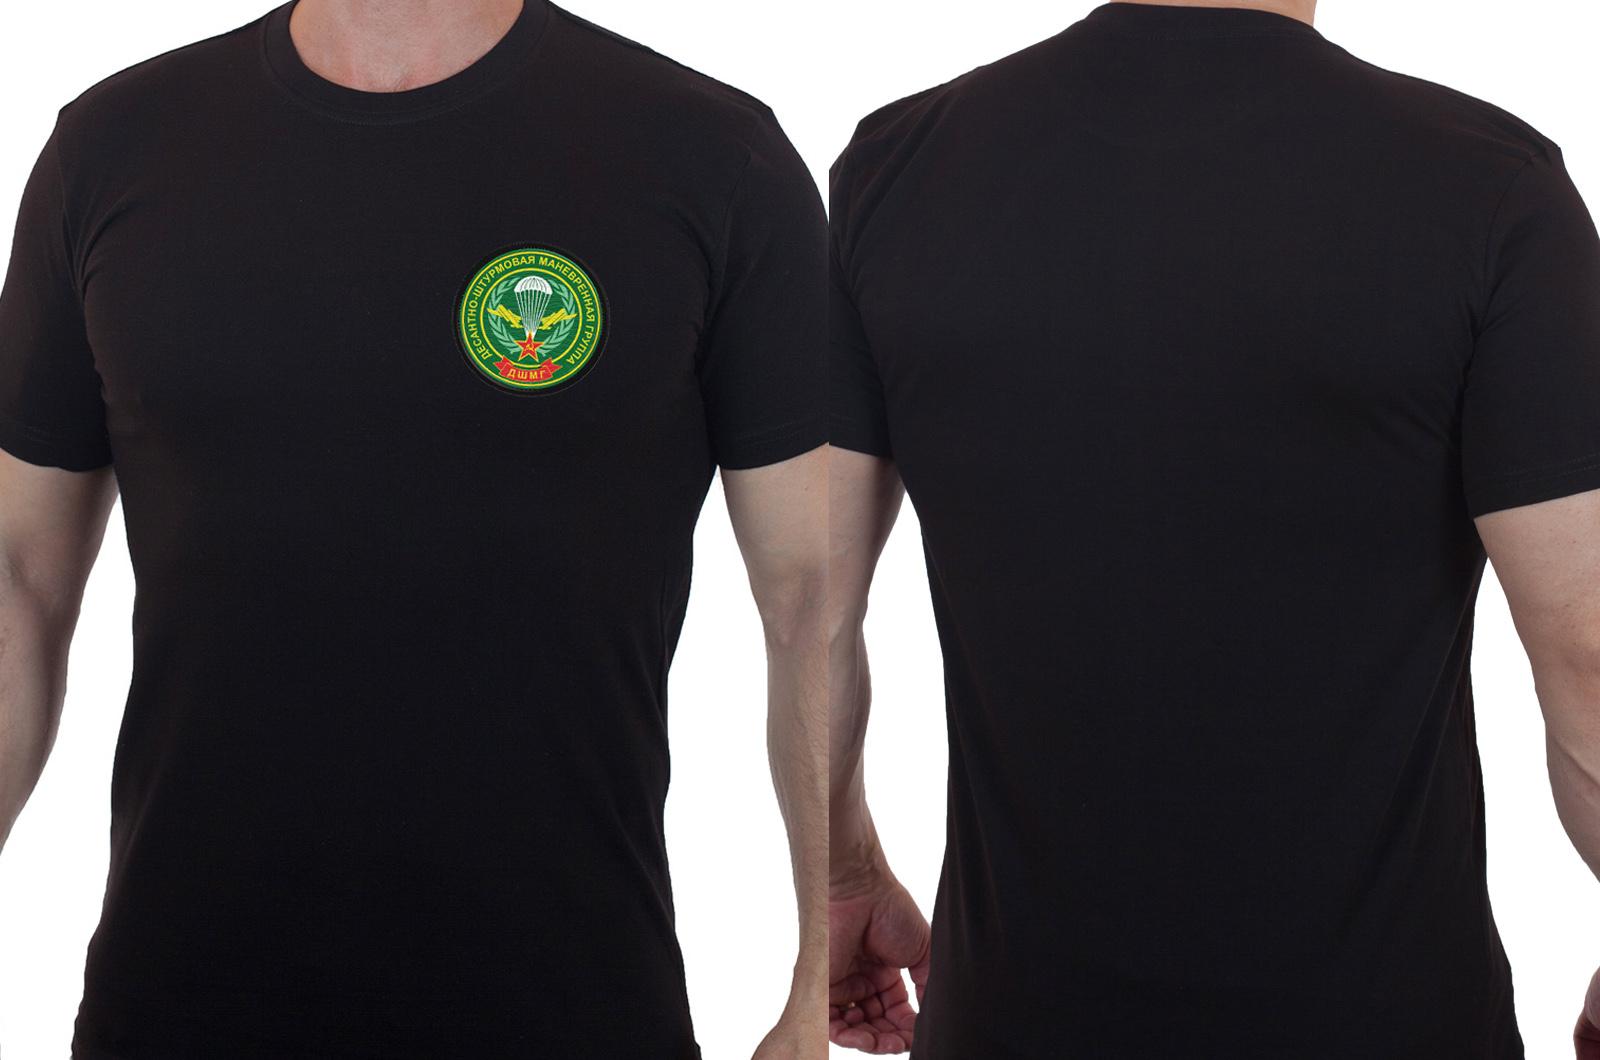 Хлопковая футболка  с вышитым шевроном ДШМГ ПВ - купить по низкой цене